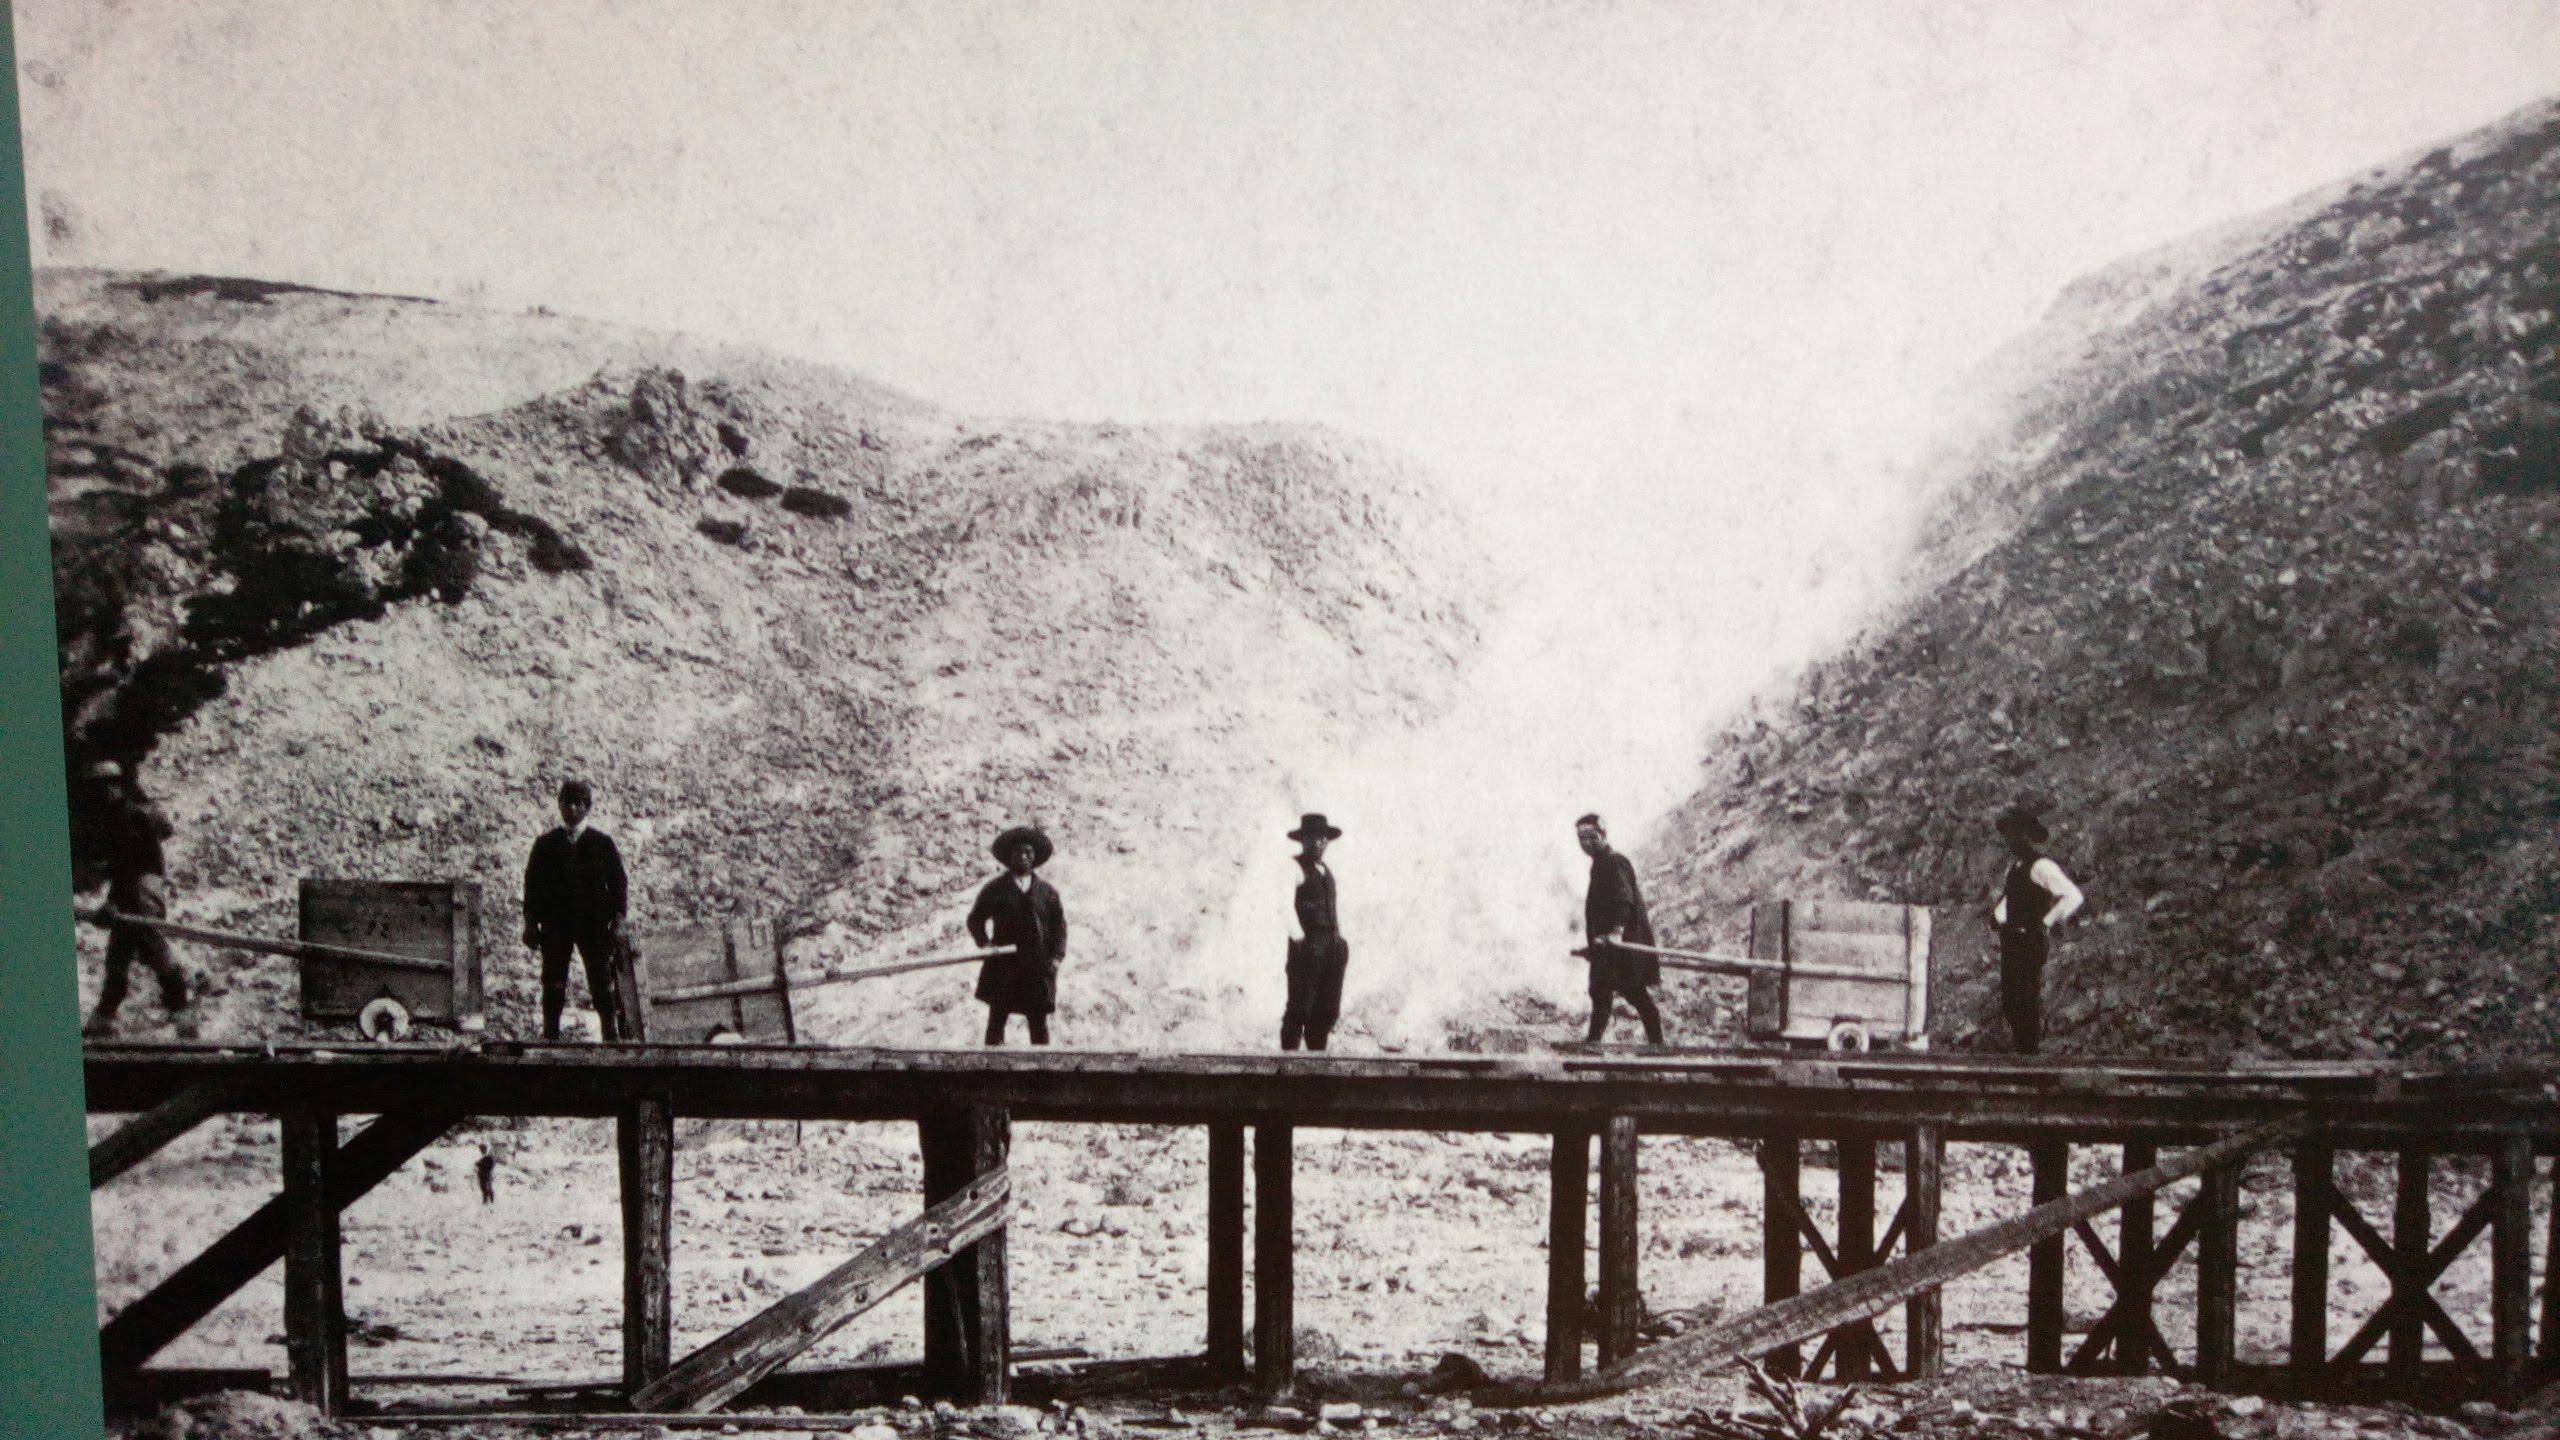 【2018年・夏の北海道】網走からの美幌峠、川湯再訪。Vol.10